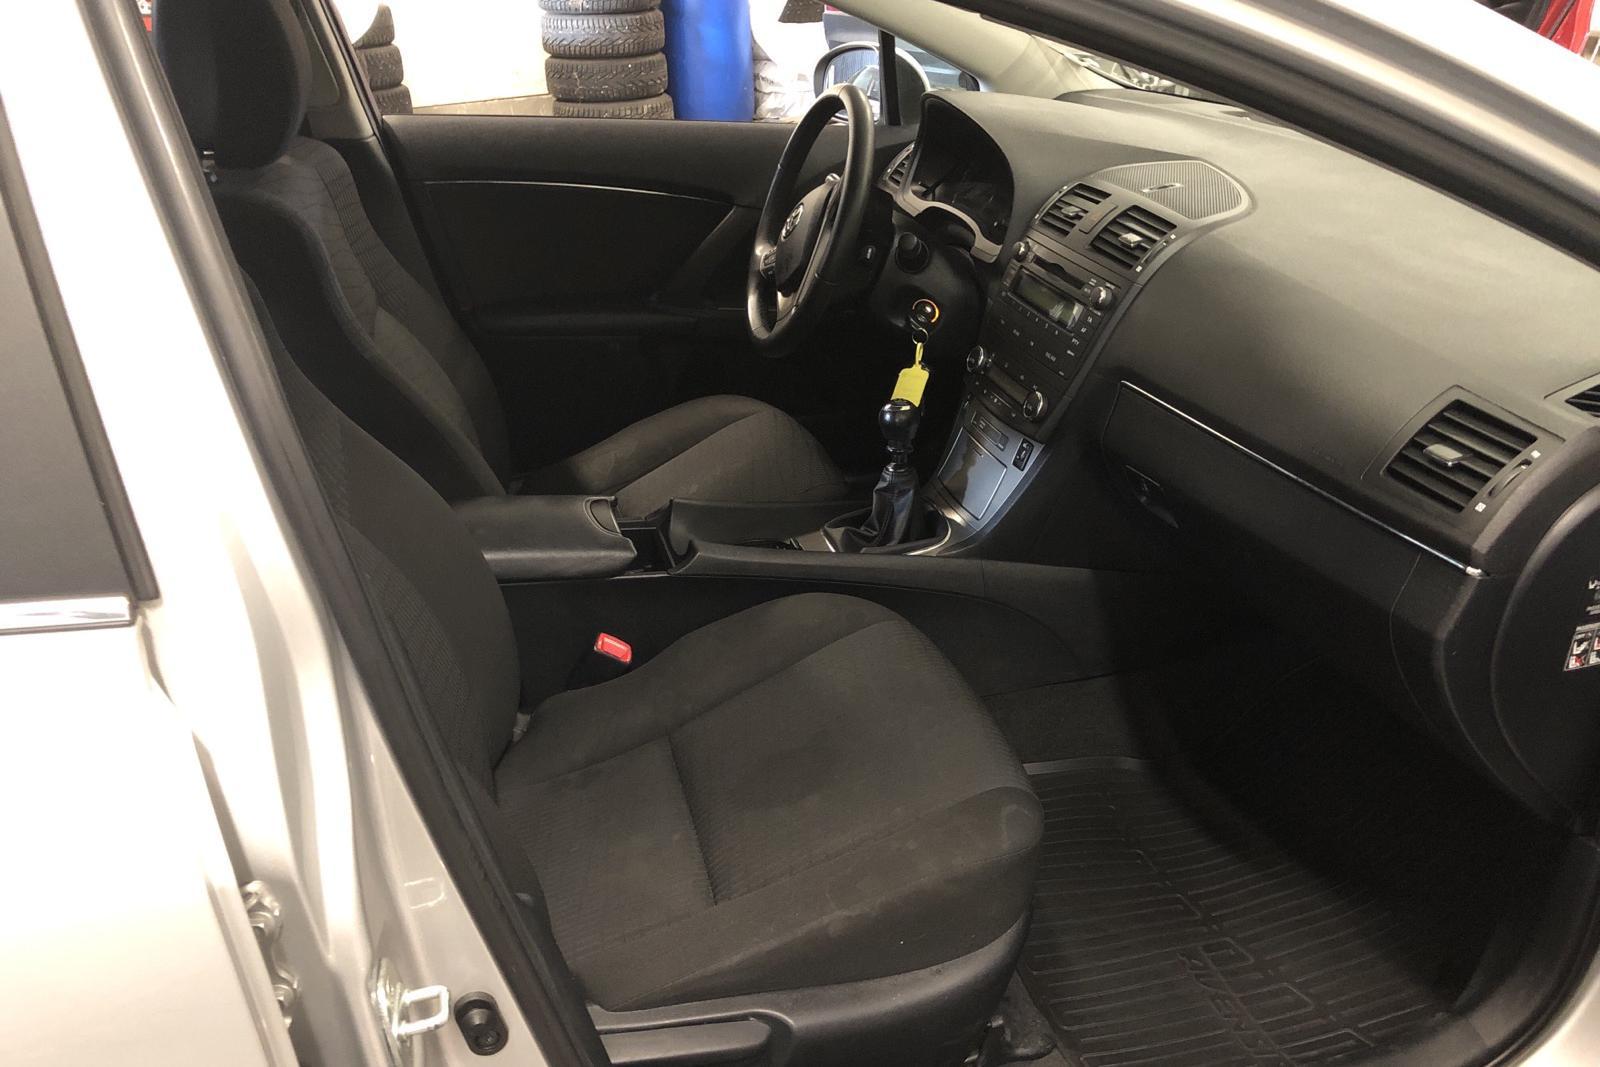 Toyota Avensis 2.0 Kombi (152hk) - 120 000 km - Manual - silver - 2009